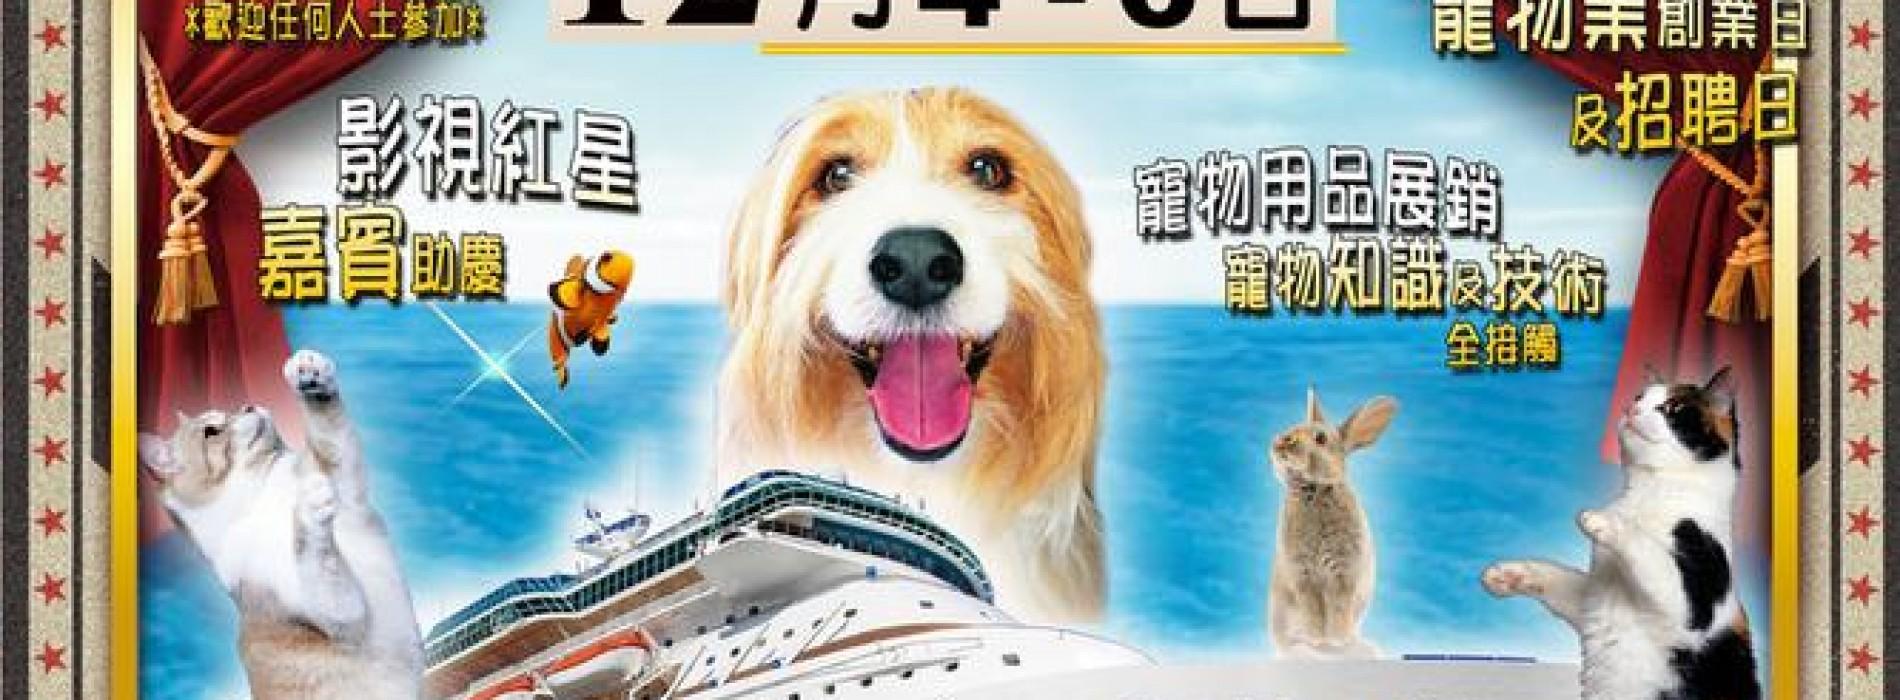 第1屆寵物嘉年華.一家大細同狗狗玩遊戲![4-6/12]